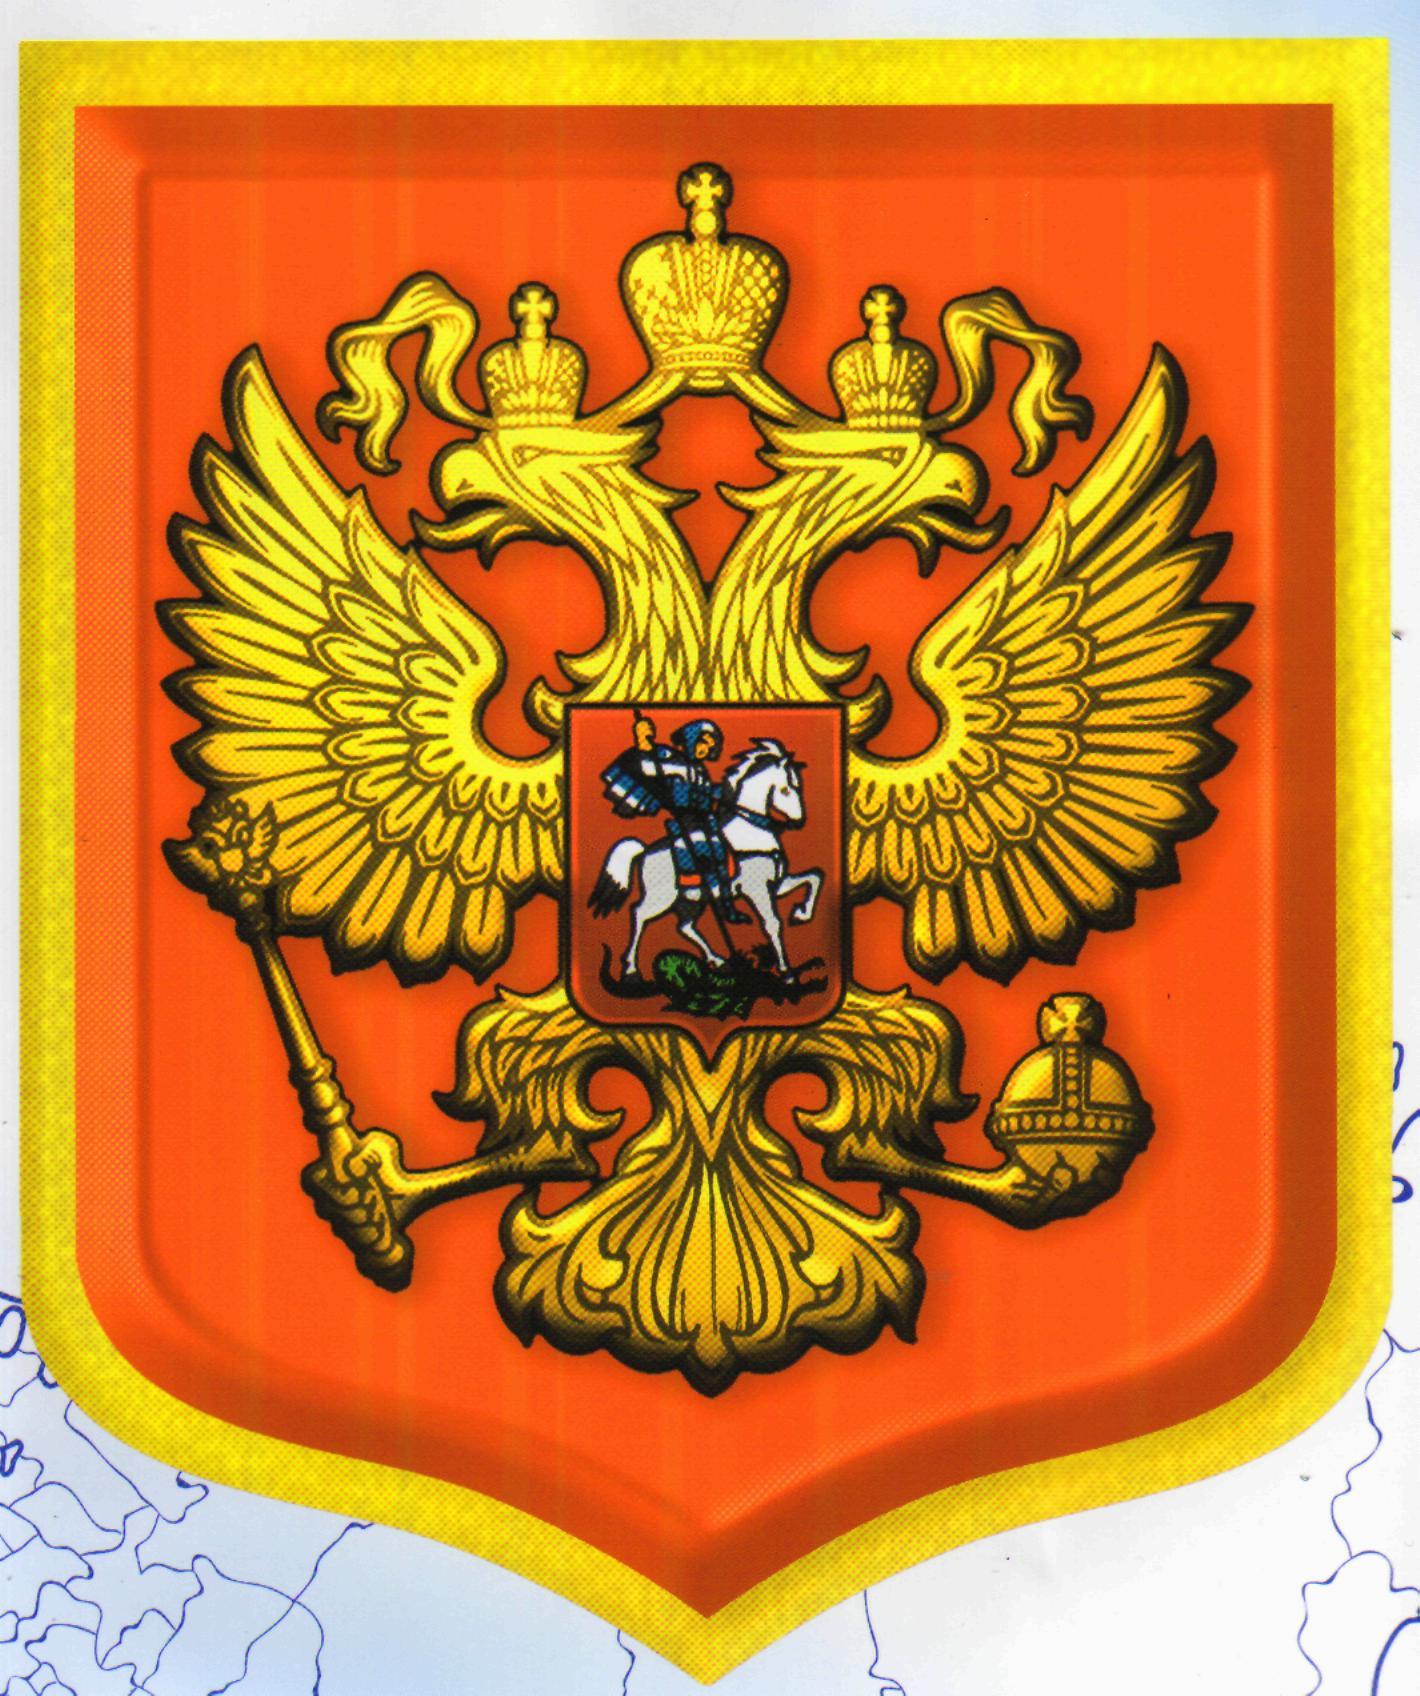 Описания герб рф от 2006 12 15 18 22 56